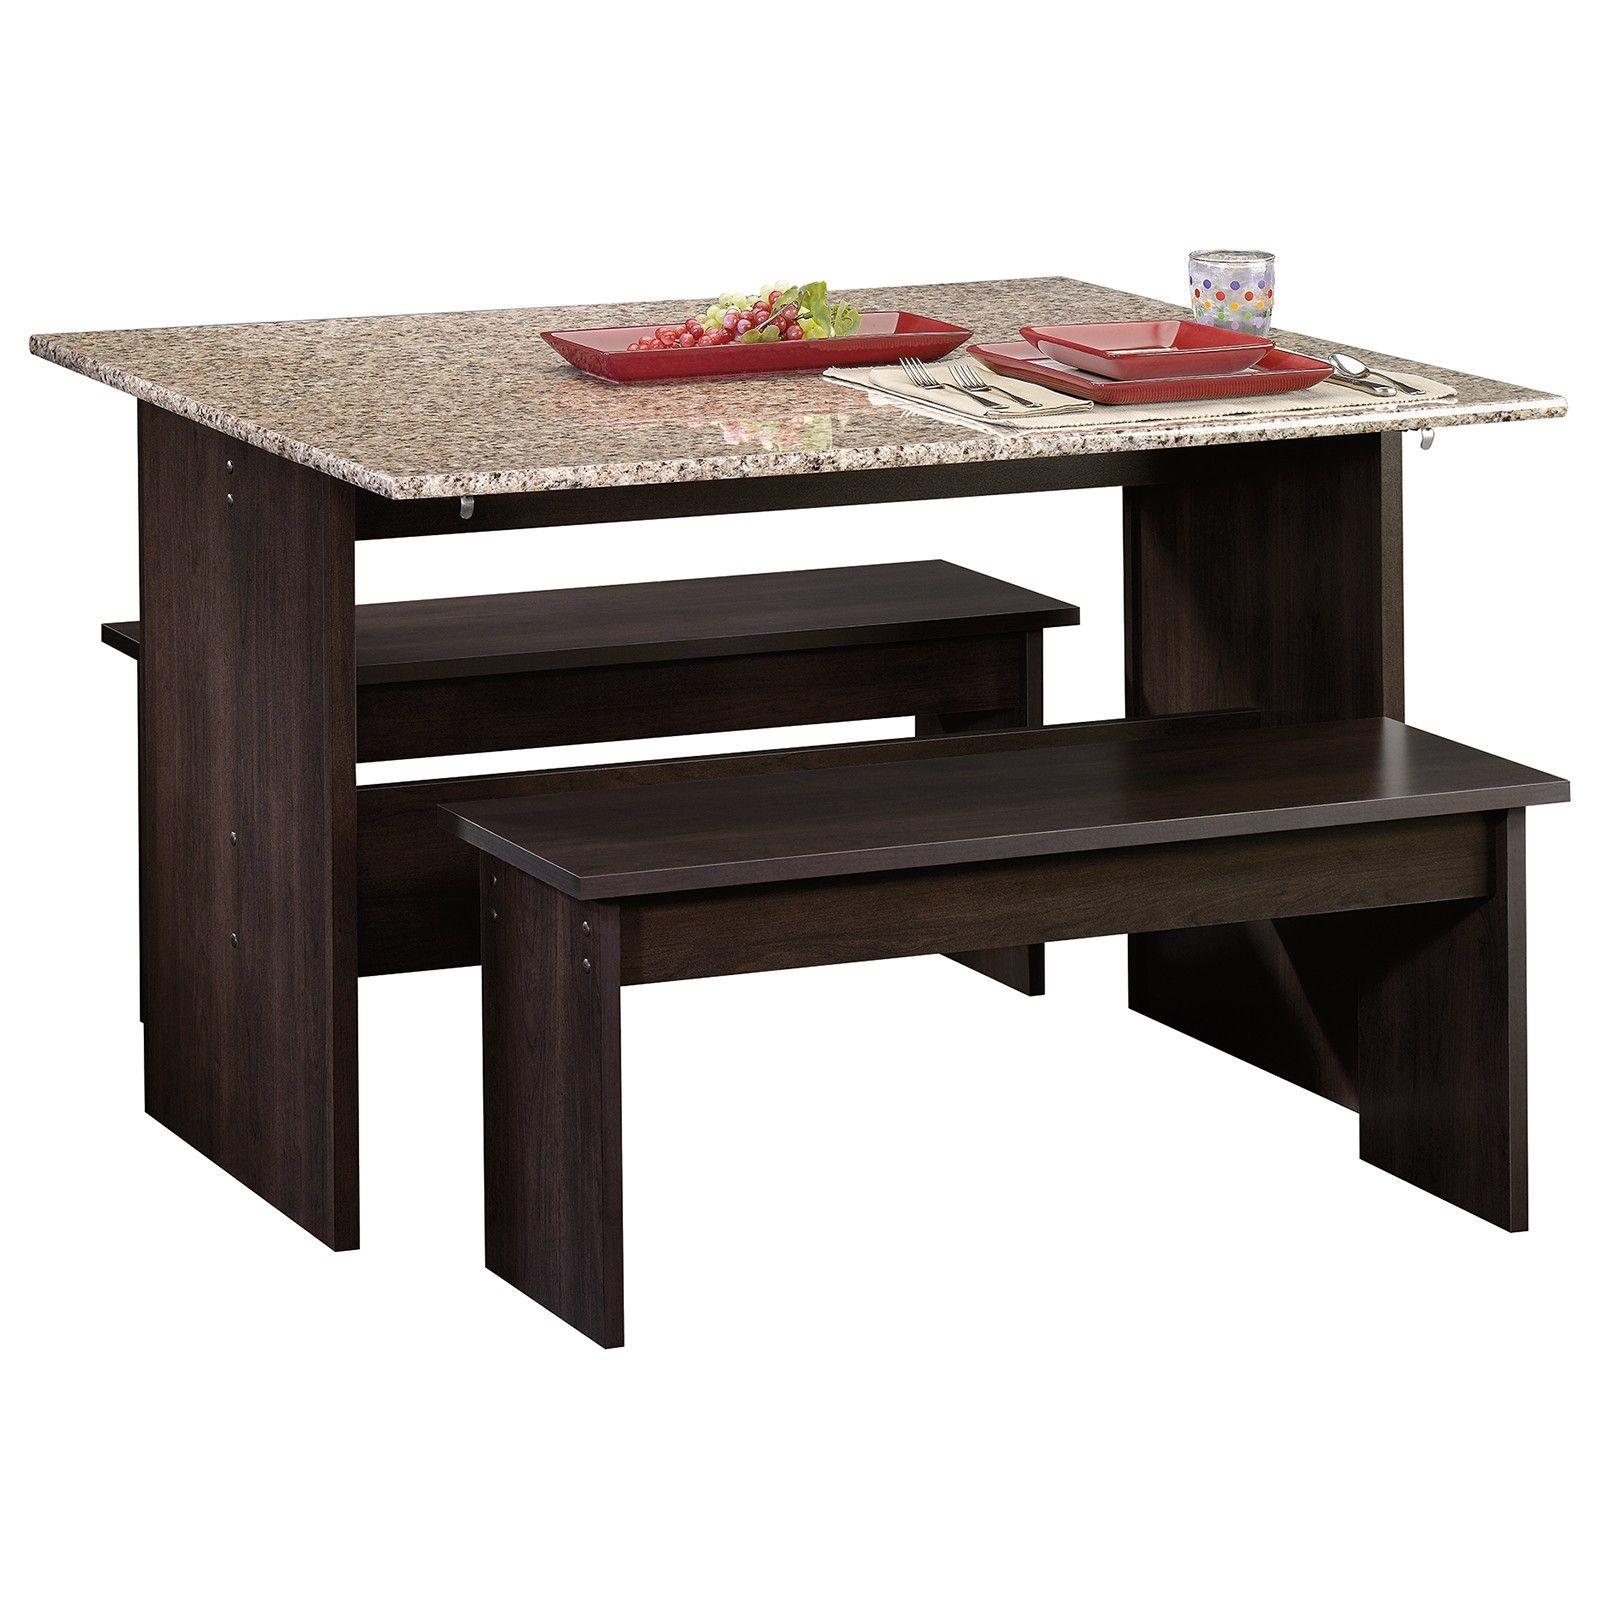 Mesa Desayunador Abatible con Bancas Chocolate Bosque | Cocinas ...